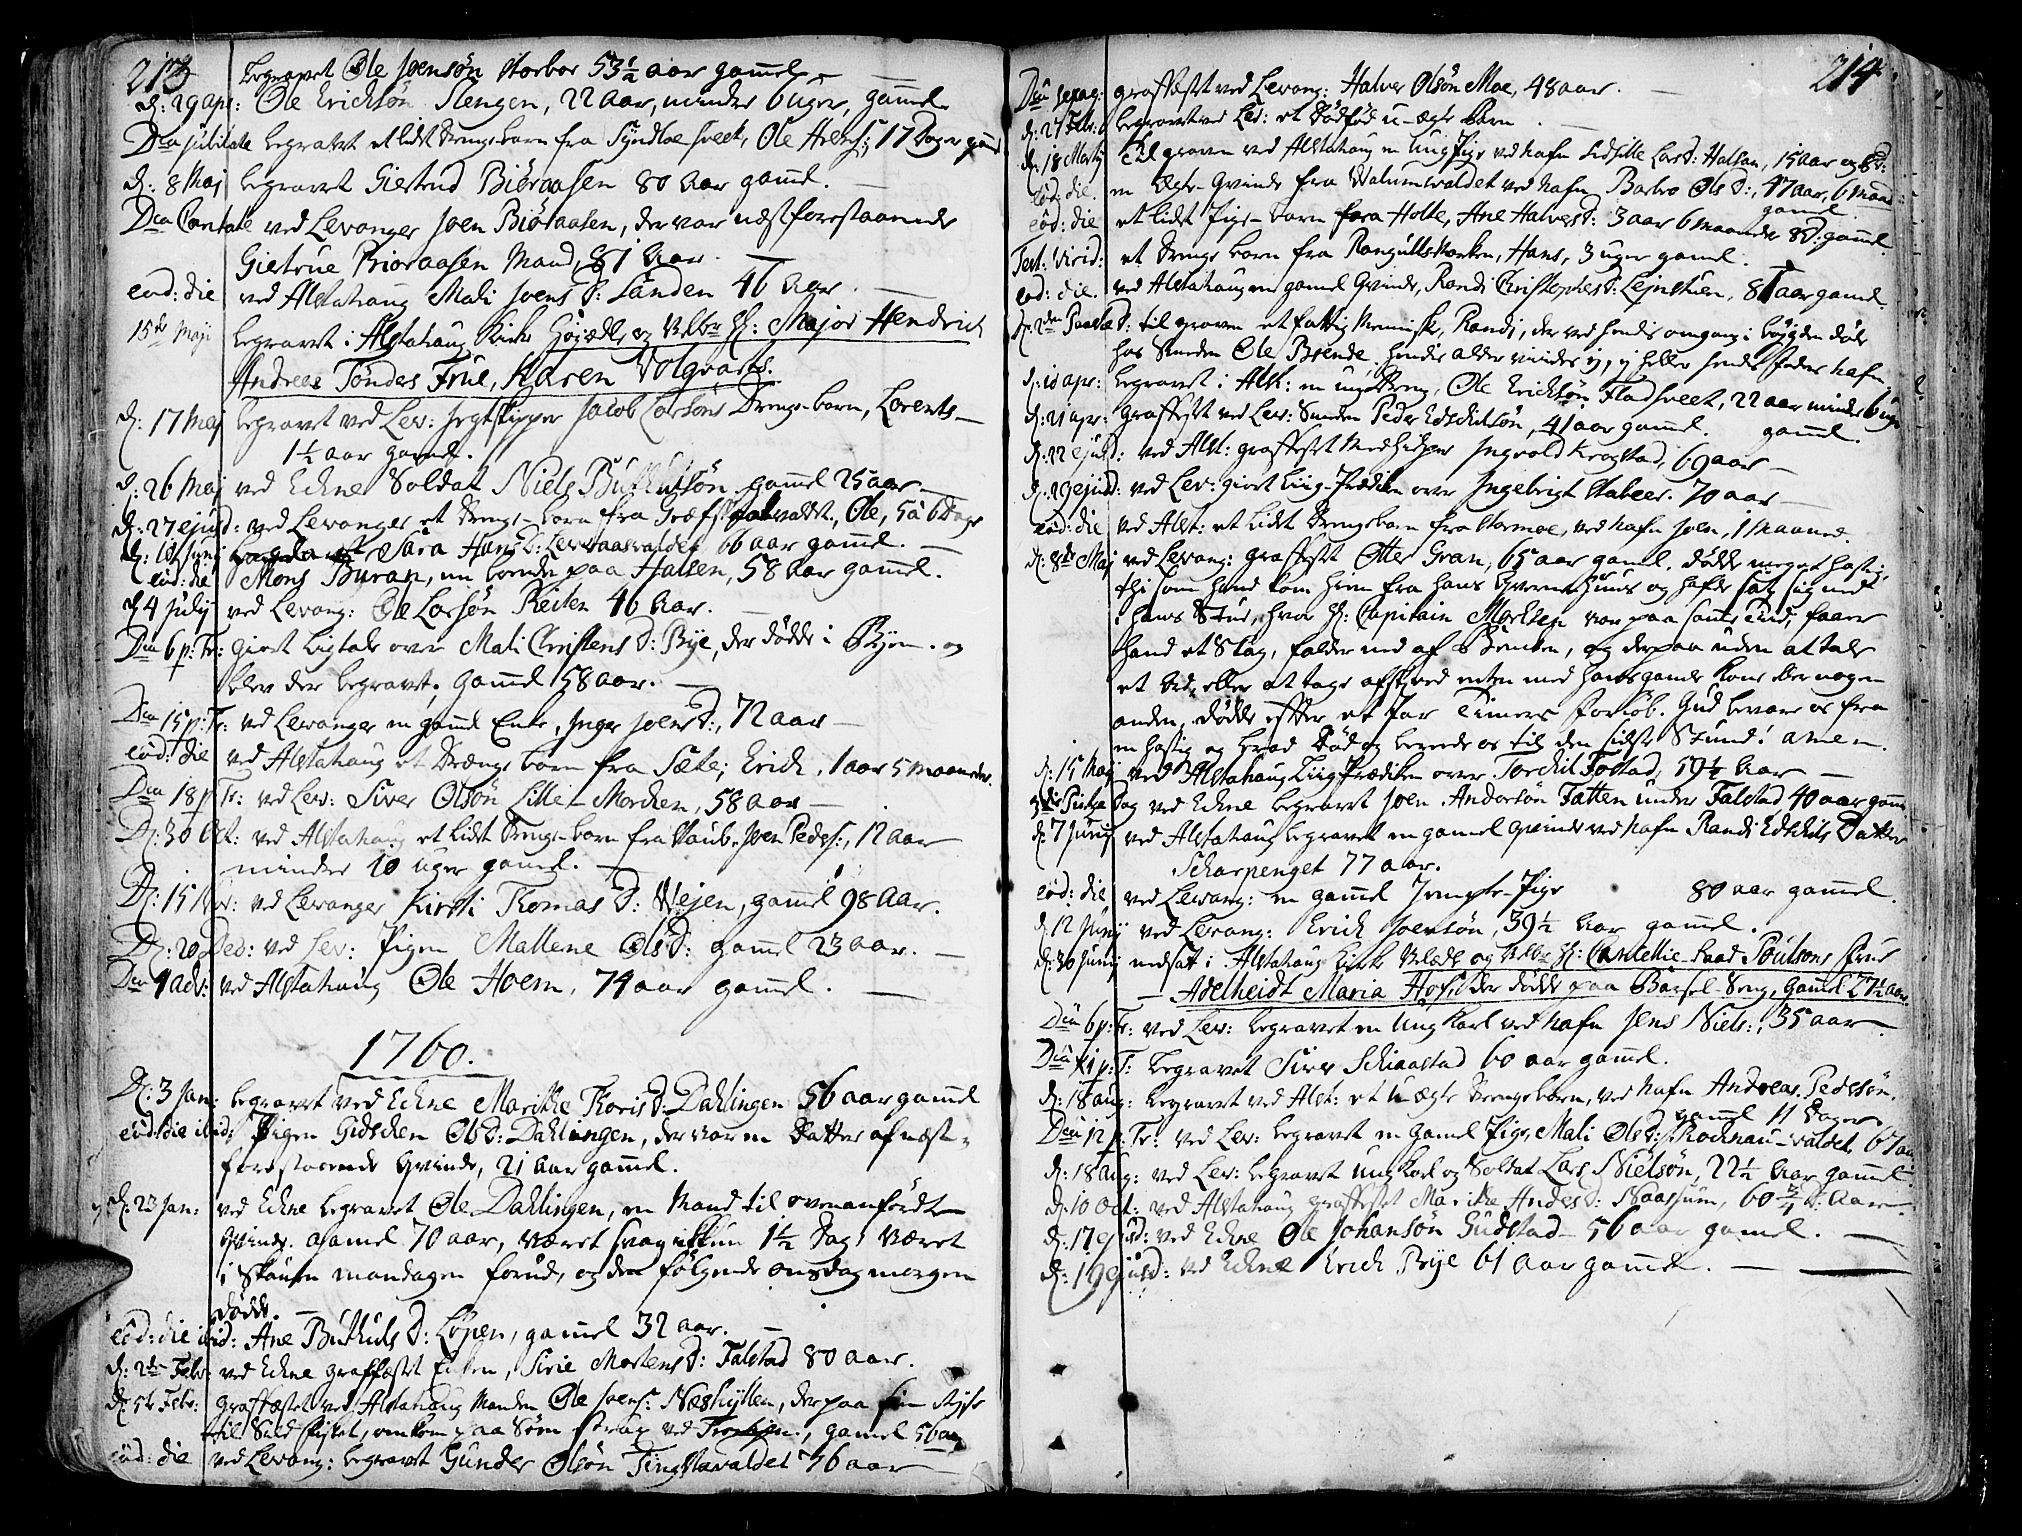 SAT, Ministerialprotokoller, klokkerbøker og fødselsregistre - Nord-Trøndelag, 717/L0141: Ministerialbok nr. 717A01, 1747-1803, s. 213-214